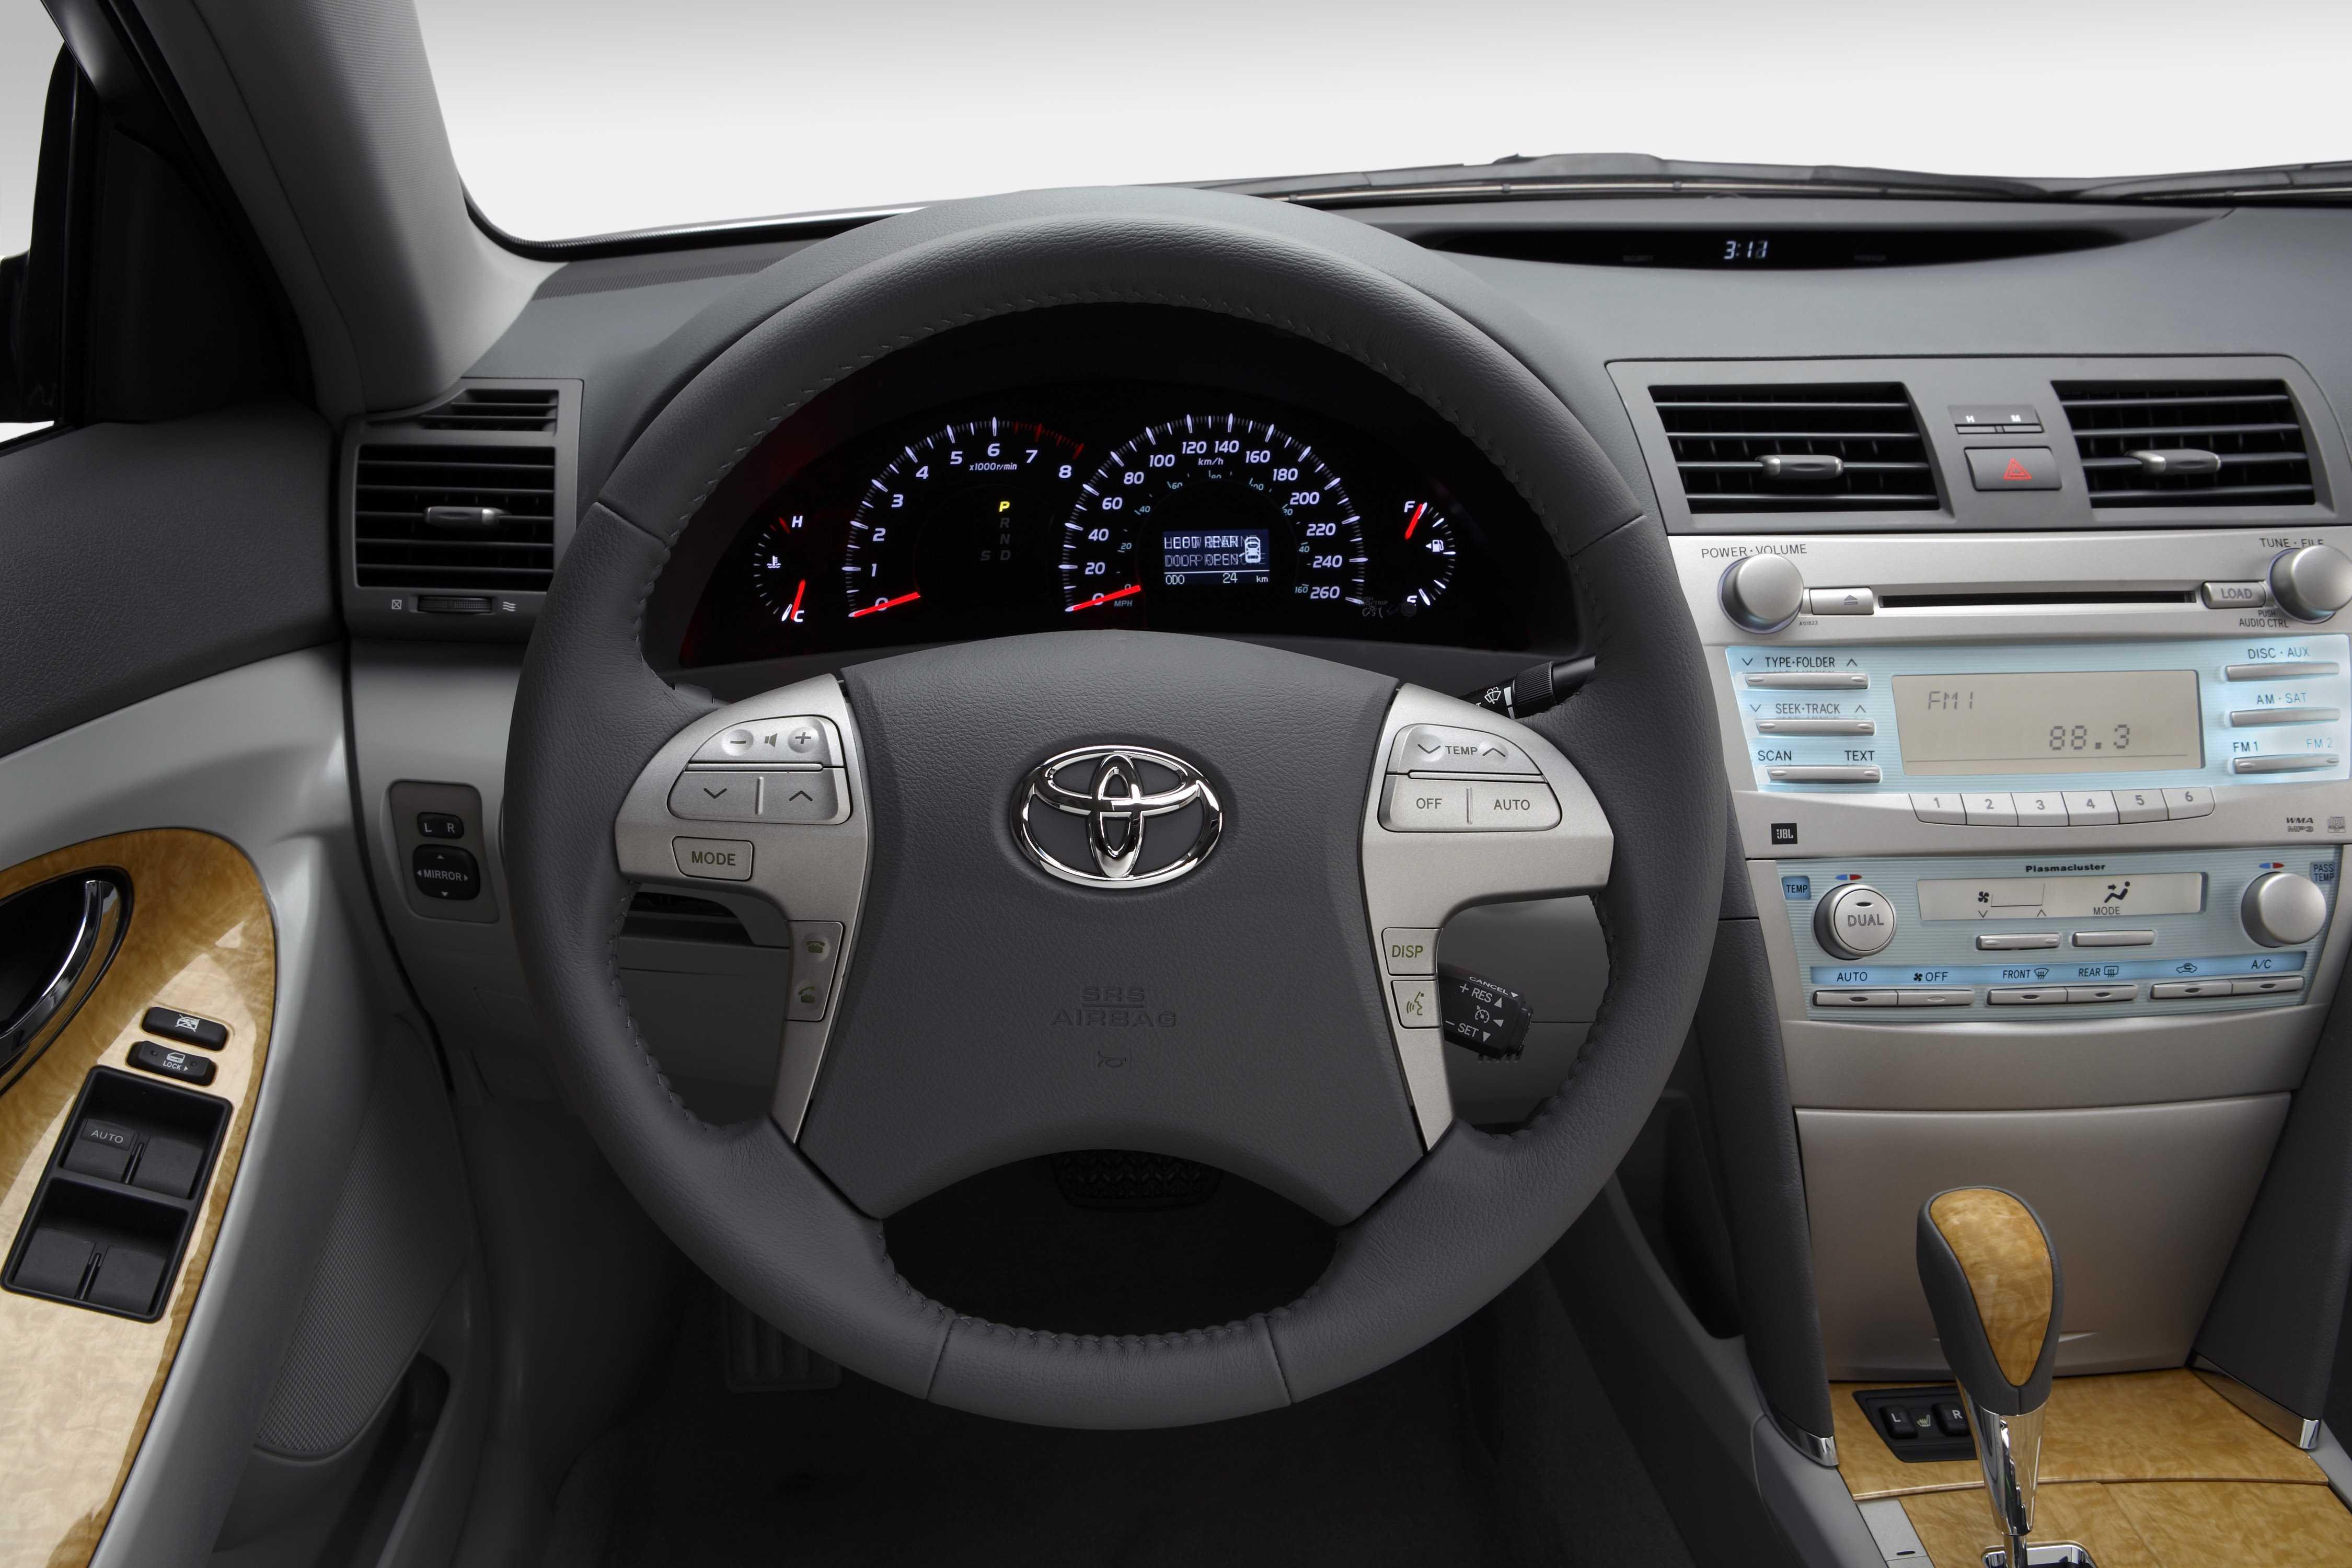 Toyota Camry 35 V6 Xv40 2011 Interior